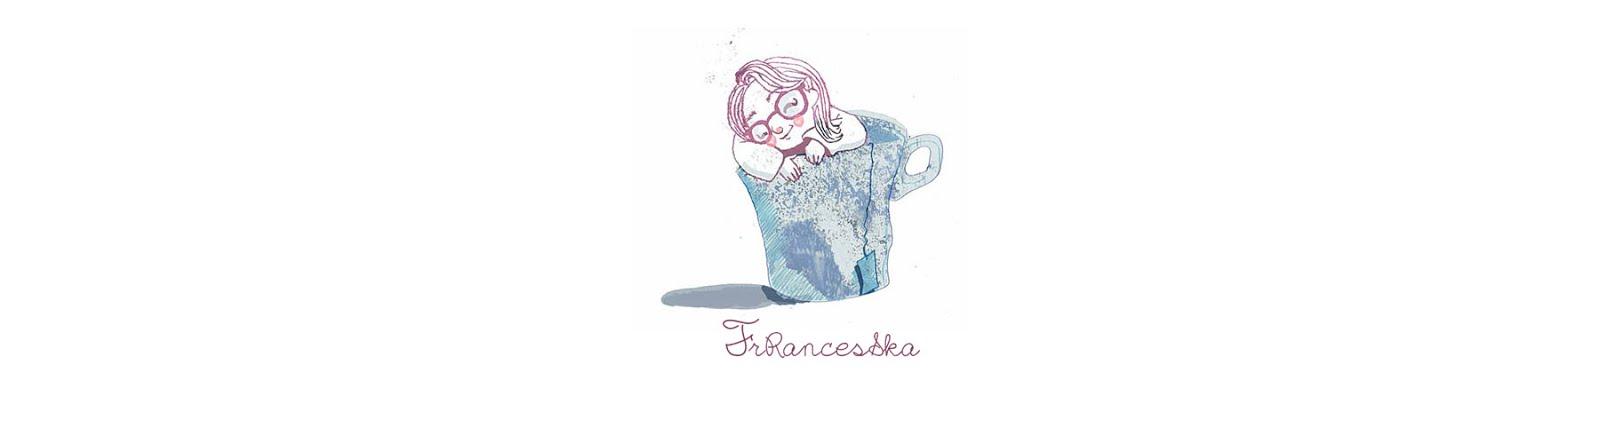 FrRanceSska